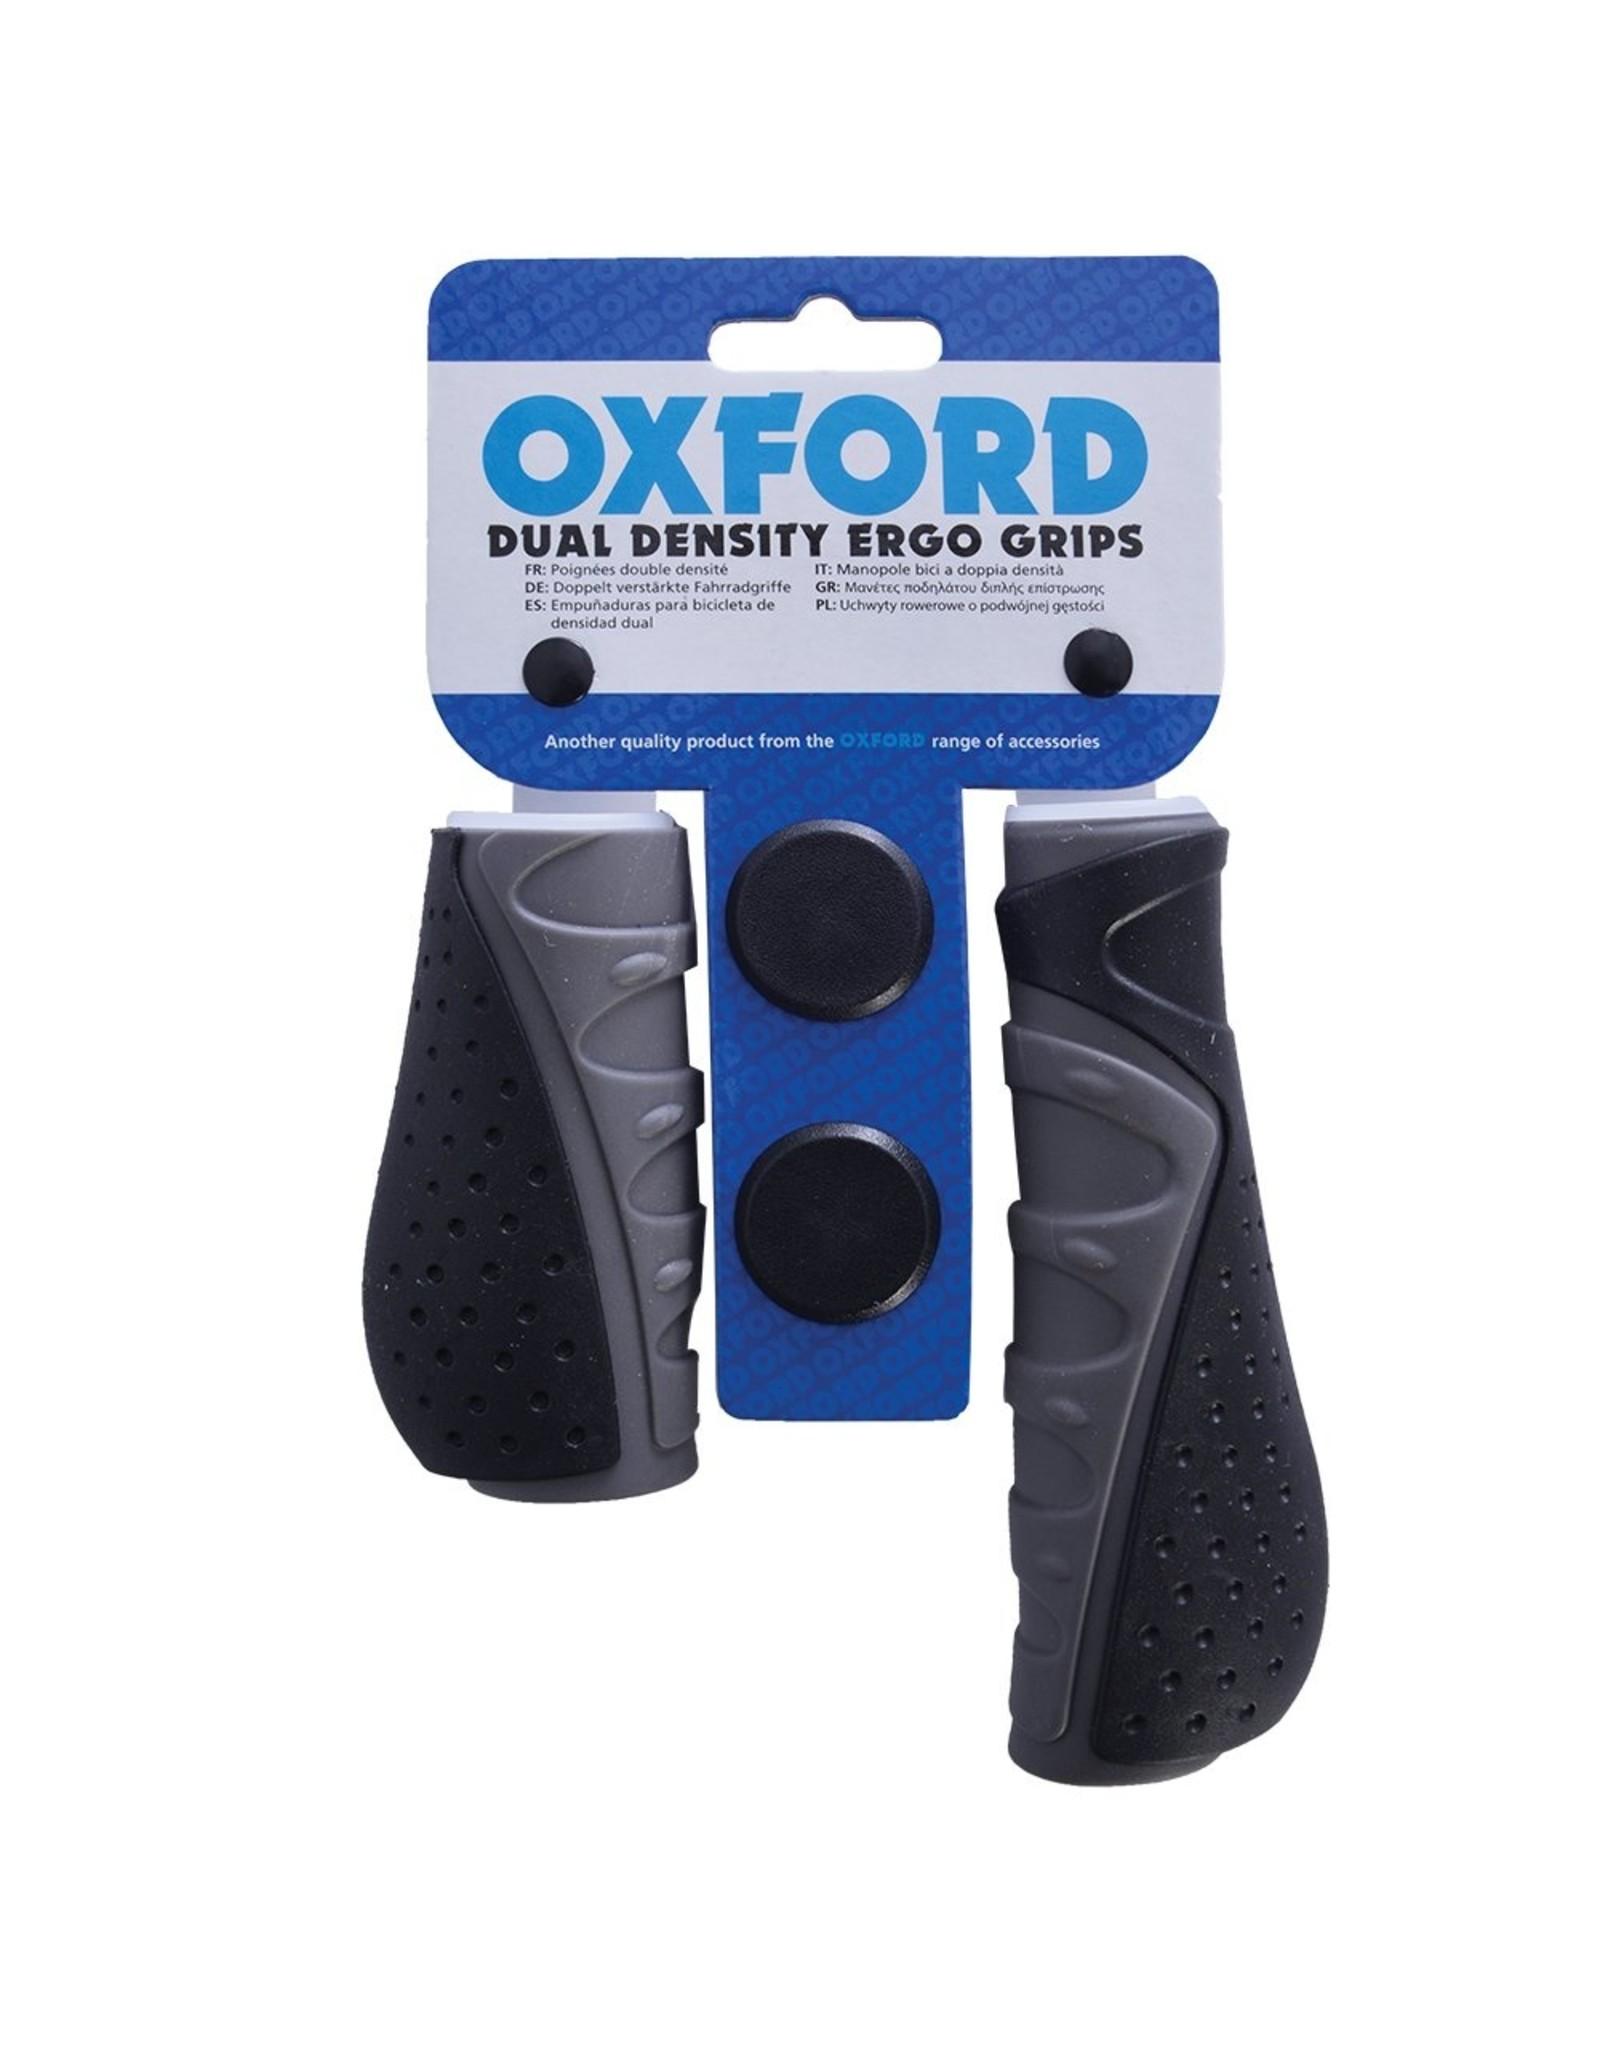 Poignées Oxford Dual density ergo